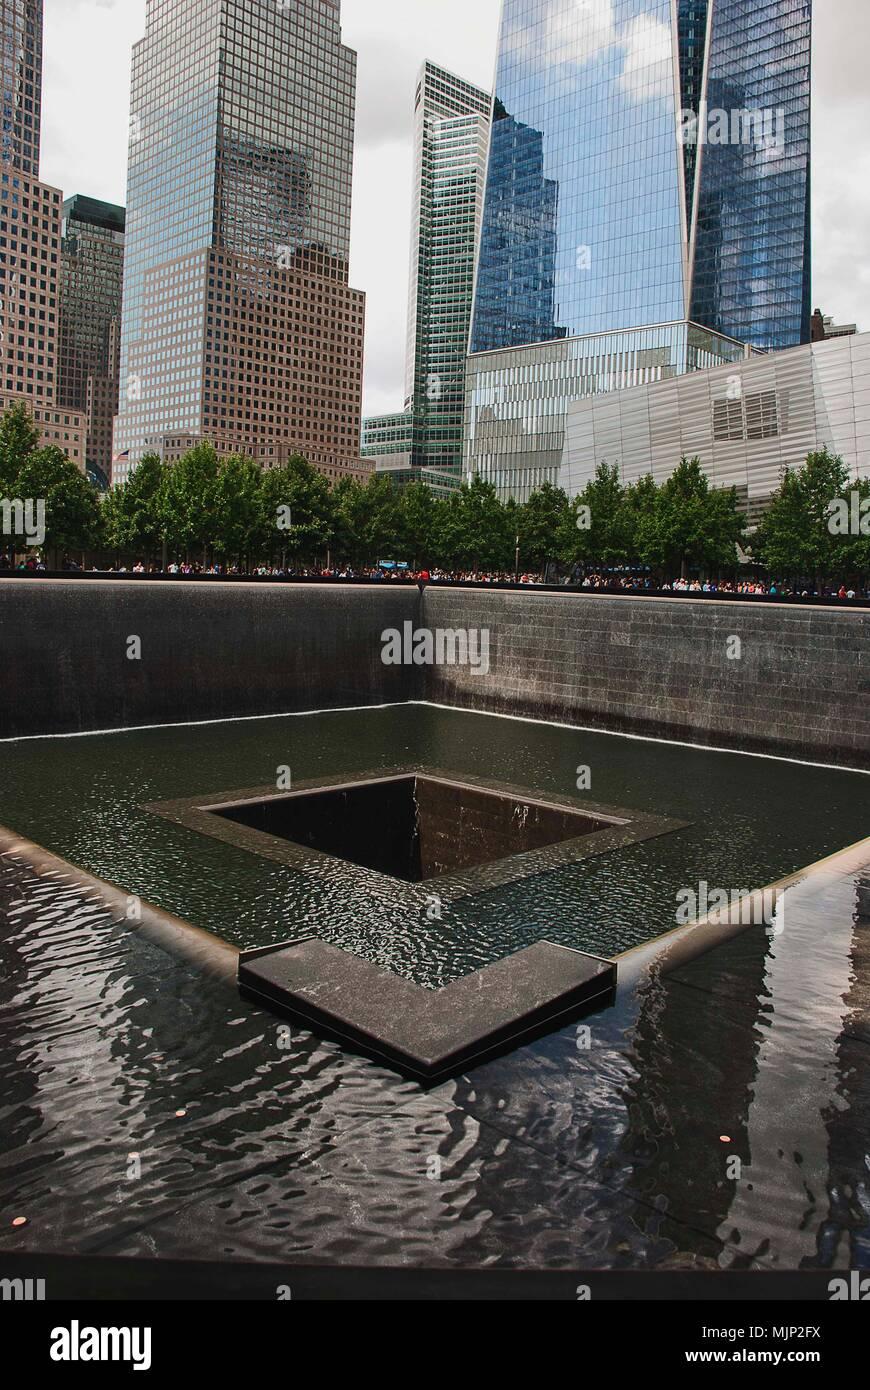 L'empreinte de l'une des tours du World Trade Center qui ont été détruits le 11 septembre 2001 à Lower Manhattan Photo Stock